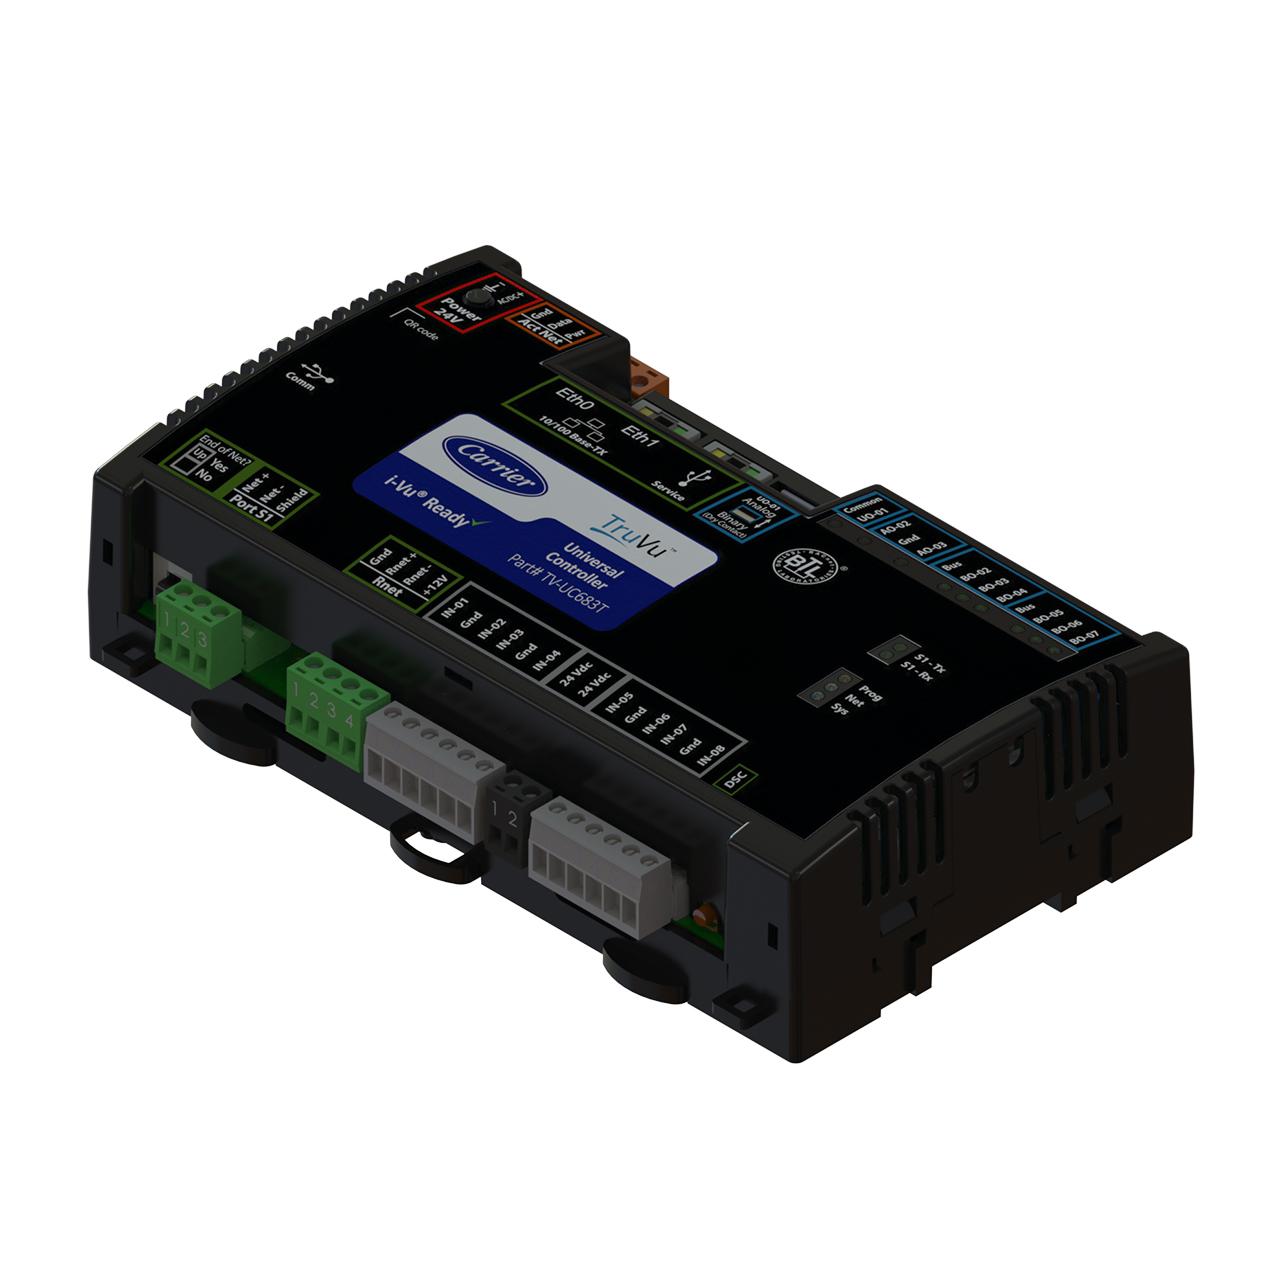 carrier-TV-UC683T-TOP-truvu-controller